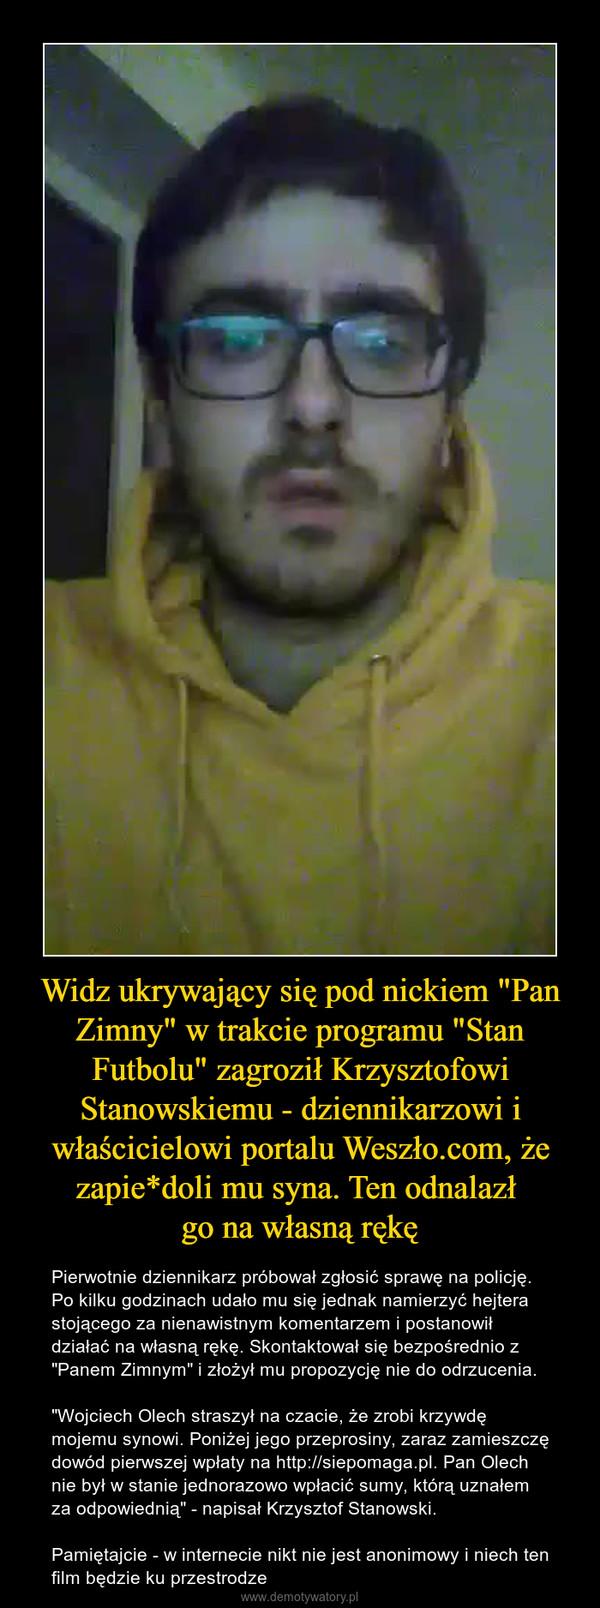 """Widz ukrywający się pod nickiem """"Pan Zimny"""" w trakcie programu """"Stan Futbolu"""" zagroził Krzysztofowi Stanowskiemu - dziennikarzowi i właścicielowi portalu Weszło.com, że zapie*doli mu syna. Ten odnalazł go na własną rękę – Pierwotnie dziennikarz próbował zgłosić sprawę na policję. Po kilku godzinach udało mu się jednak namierzyć hejtera stojącego za nienawistnym komentarzem i postanowił działać na własną rękę. Skontaktował się bezpośrednio z """"Panem Zimnym"""" i złożył mu propozycję nie do odrzucenia.""""Wojciech Olech straszył na czacie, że zrobi krzywdę mojemu synowi. Poniżej jego przeprosiny, zaraz zamieszczę dowód pierwszej wpłaty na http://siepomaga.pl. Pan Olech nie był w stanie jednorazowo wpłacić sumy, którą uznałem za odpowiednią"""" - napisał Krzysztof Stanowski.Pamiętajcie - w internecie nikt nie jest anonimowy i niech ten film będzie ku przestrodze"""